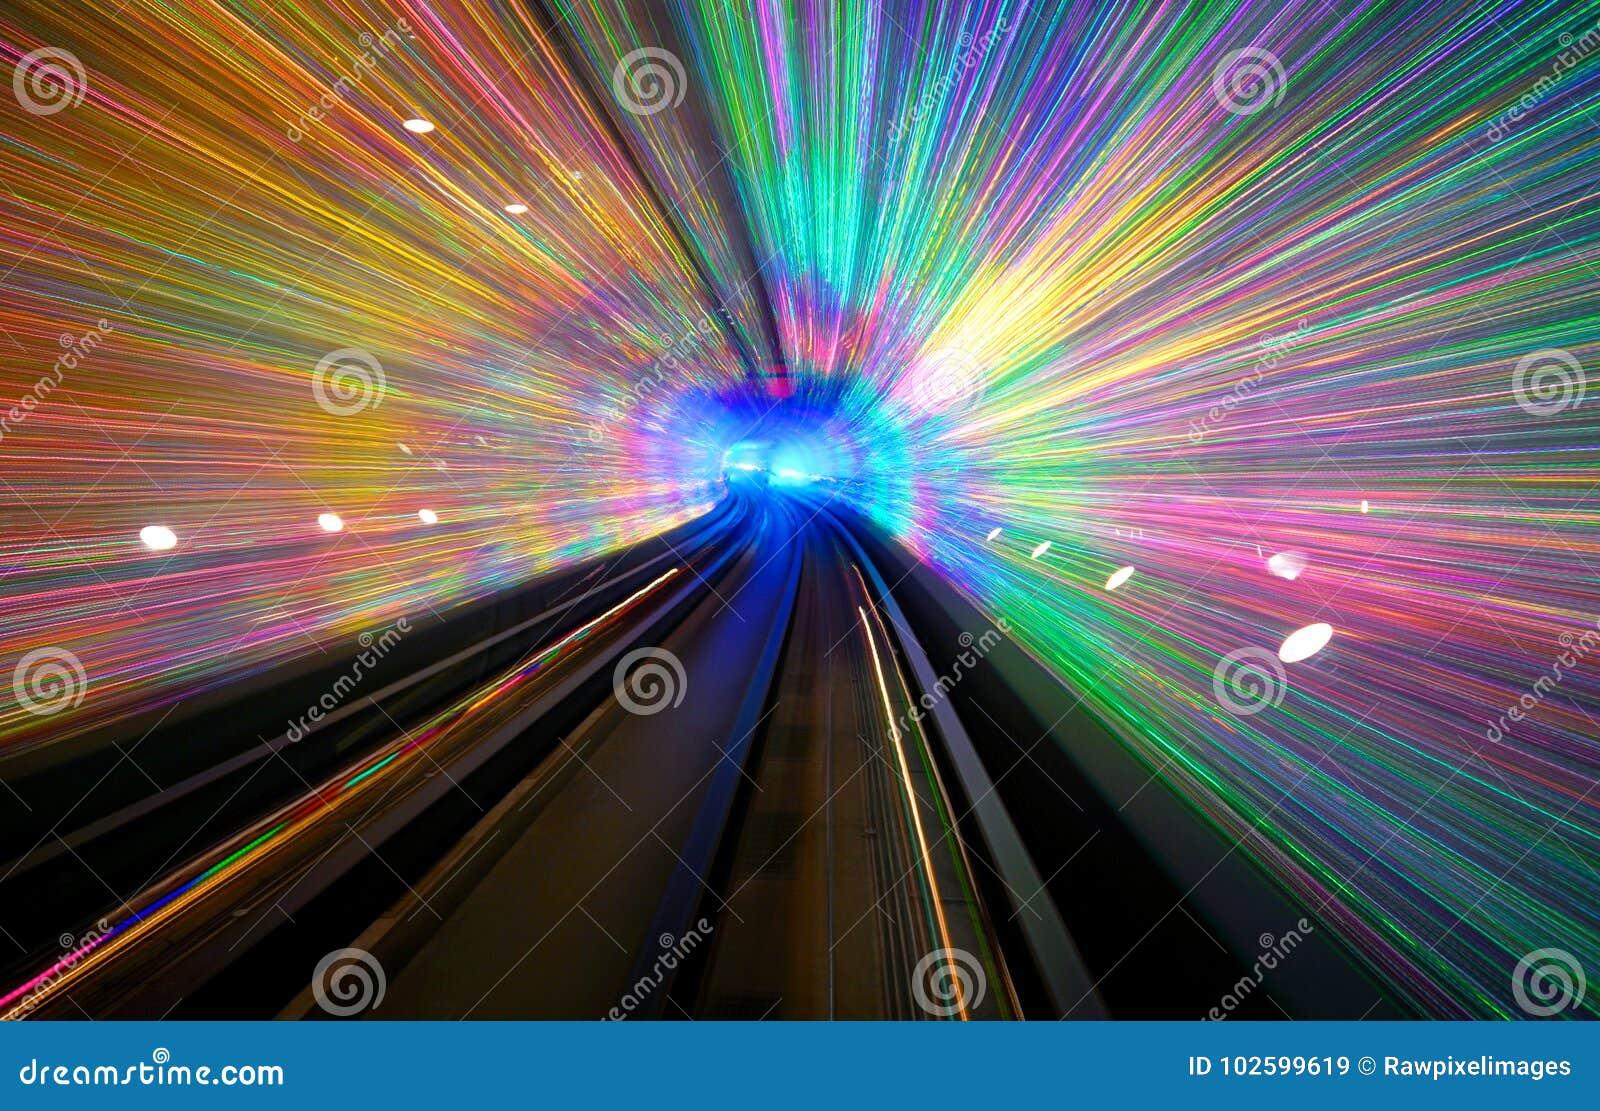 Долгая выдержка тоннеля с светлым дисплеем в Шанхае